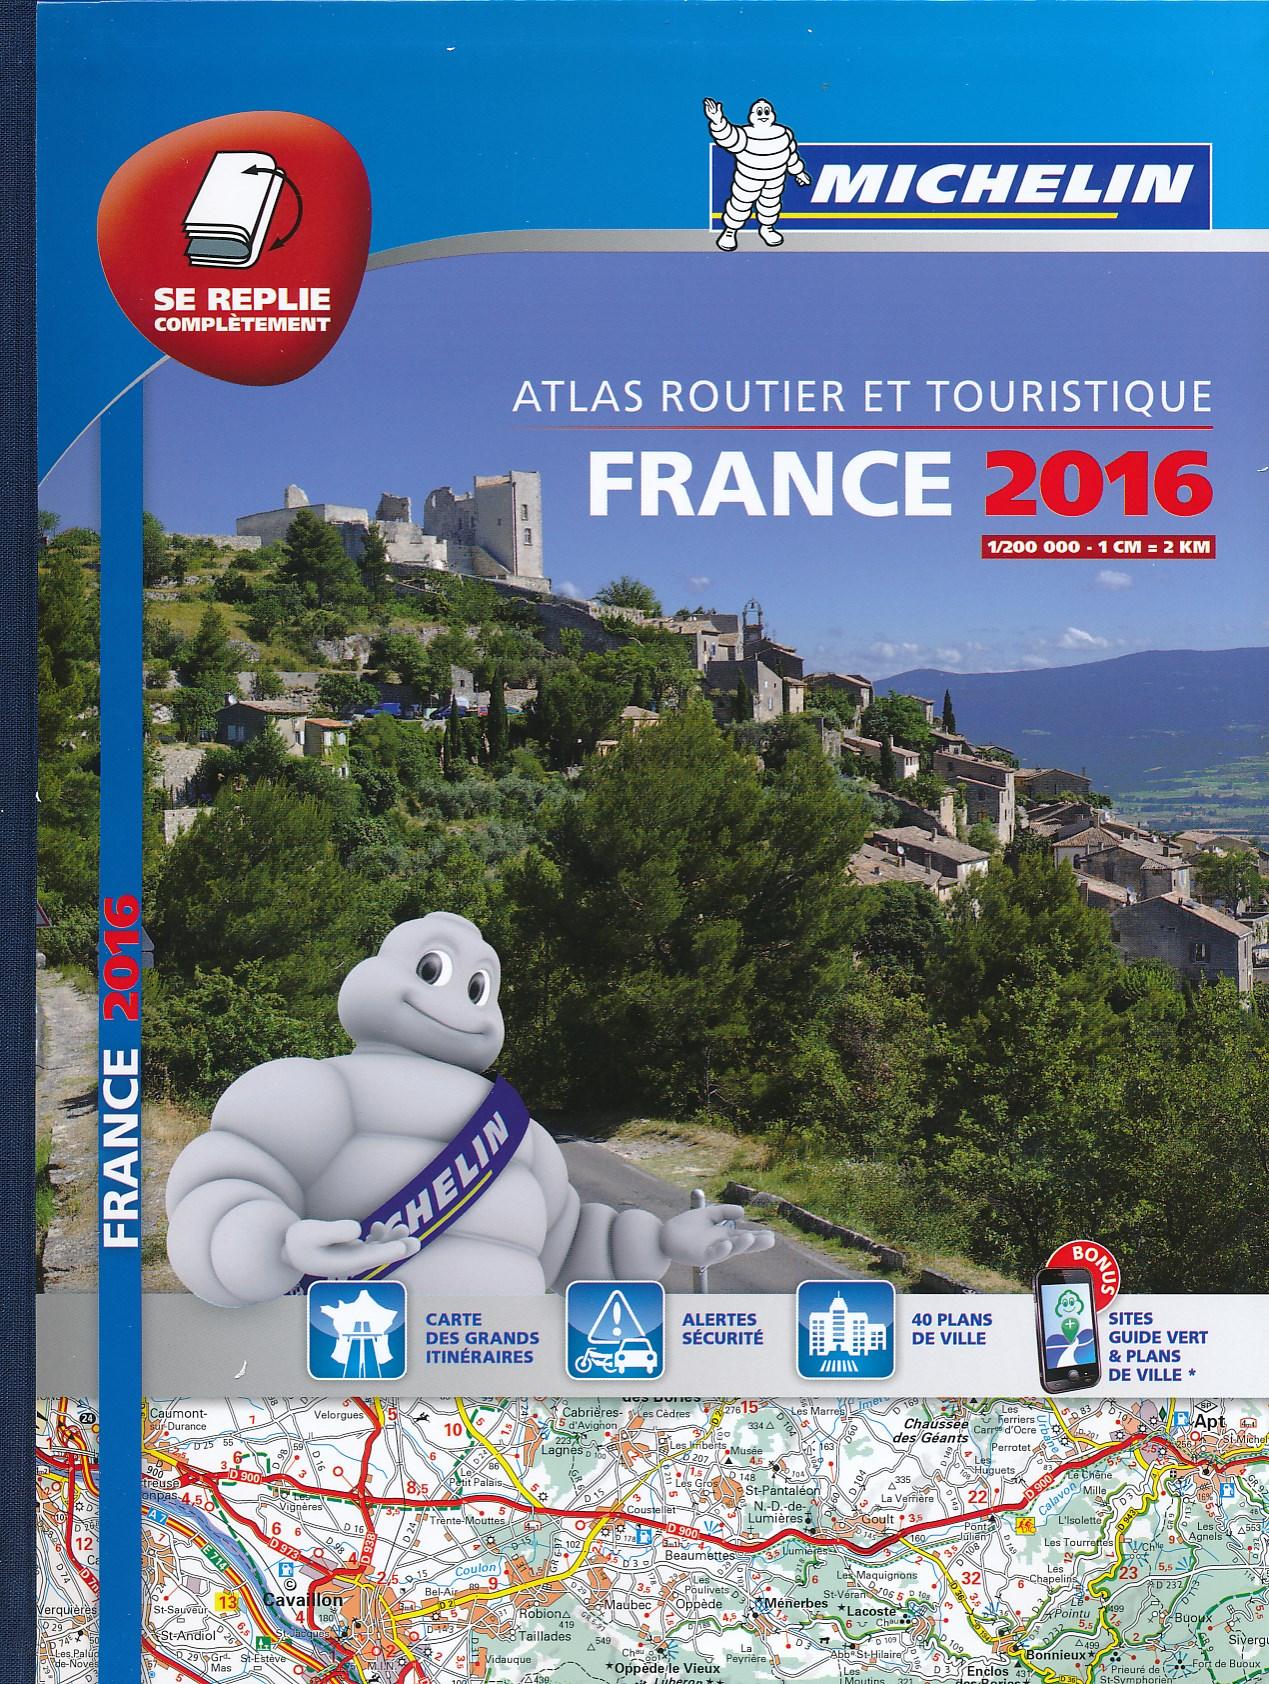 Wegenatlas Atlas Routier et Touristique France 2016   Michelin